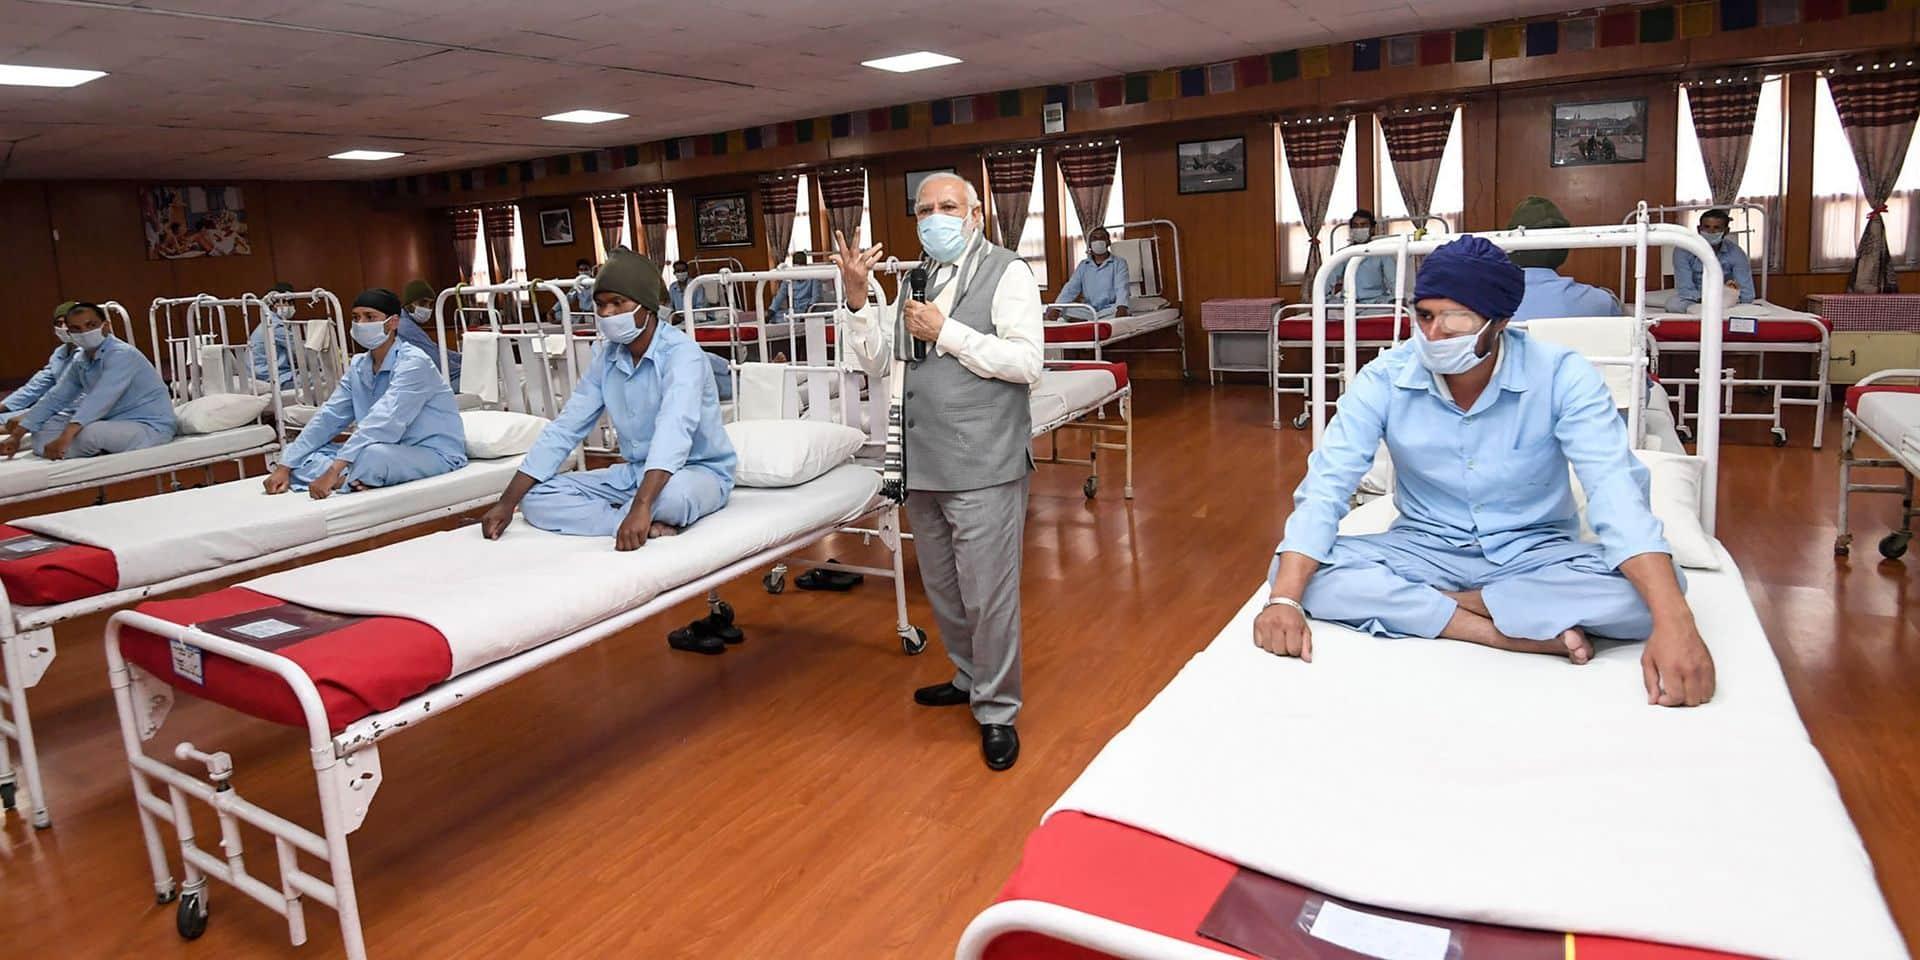 Les Etats-Unis et l'Inde battent des records en termes de nouvelles infections